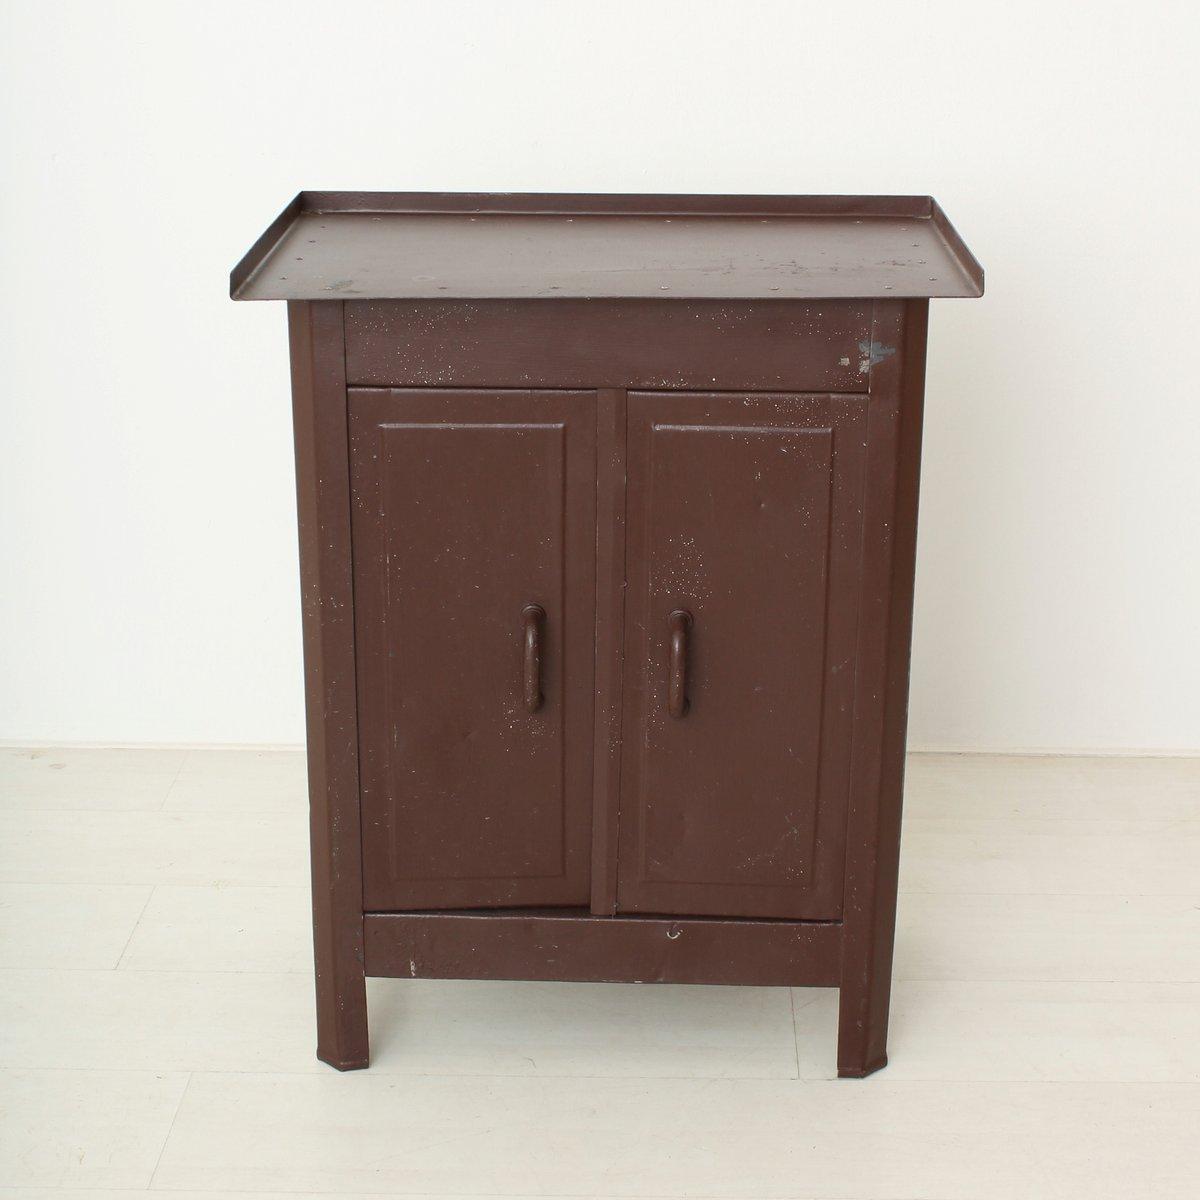 kleiner industrieller vintage metall schrank bei pamono kaufen. Black Bedroom Furniture Sets. Home Design Ideas